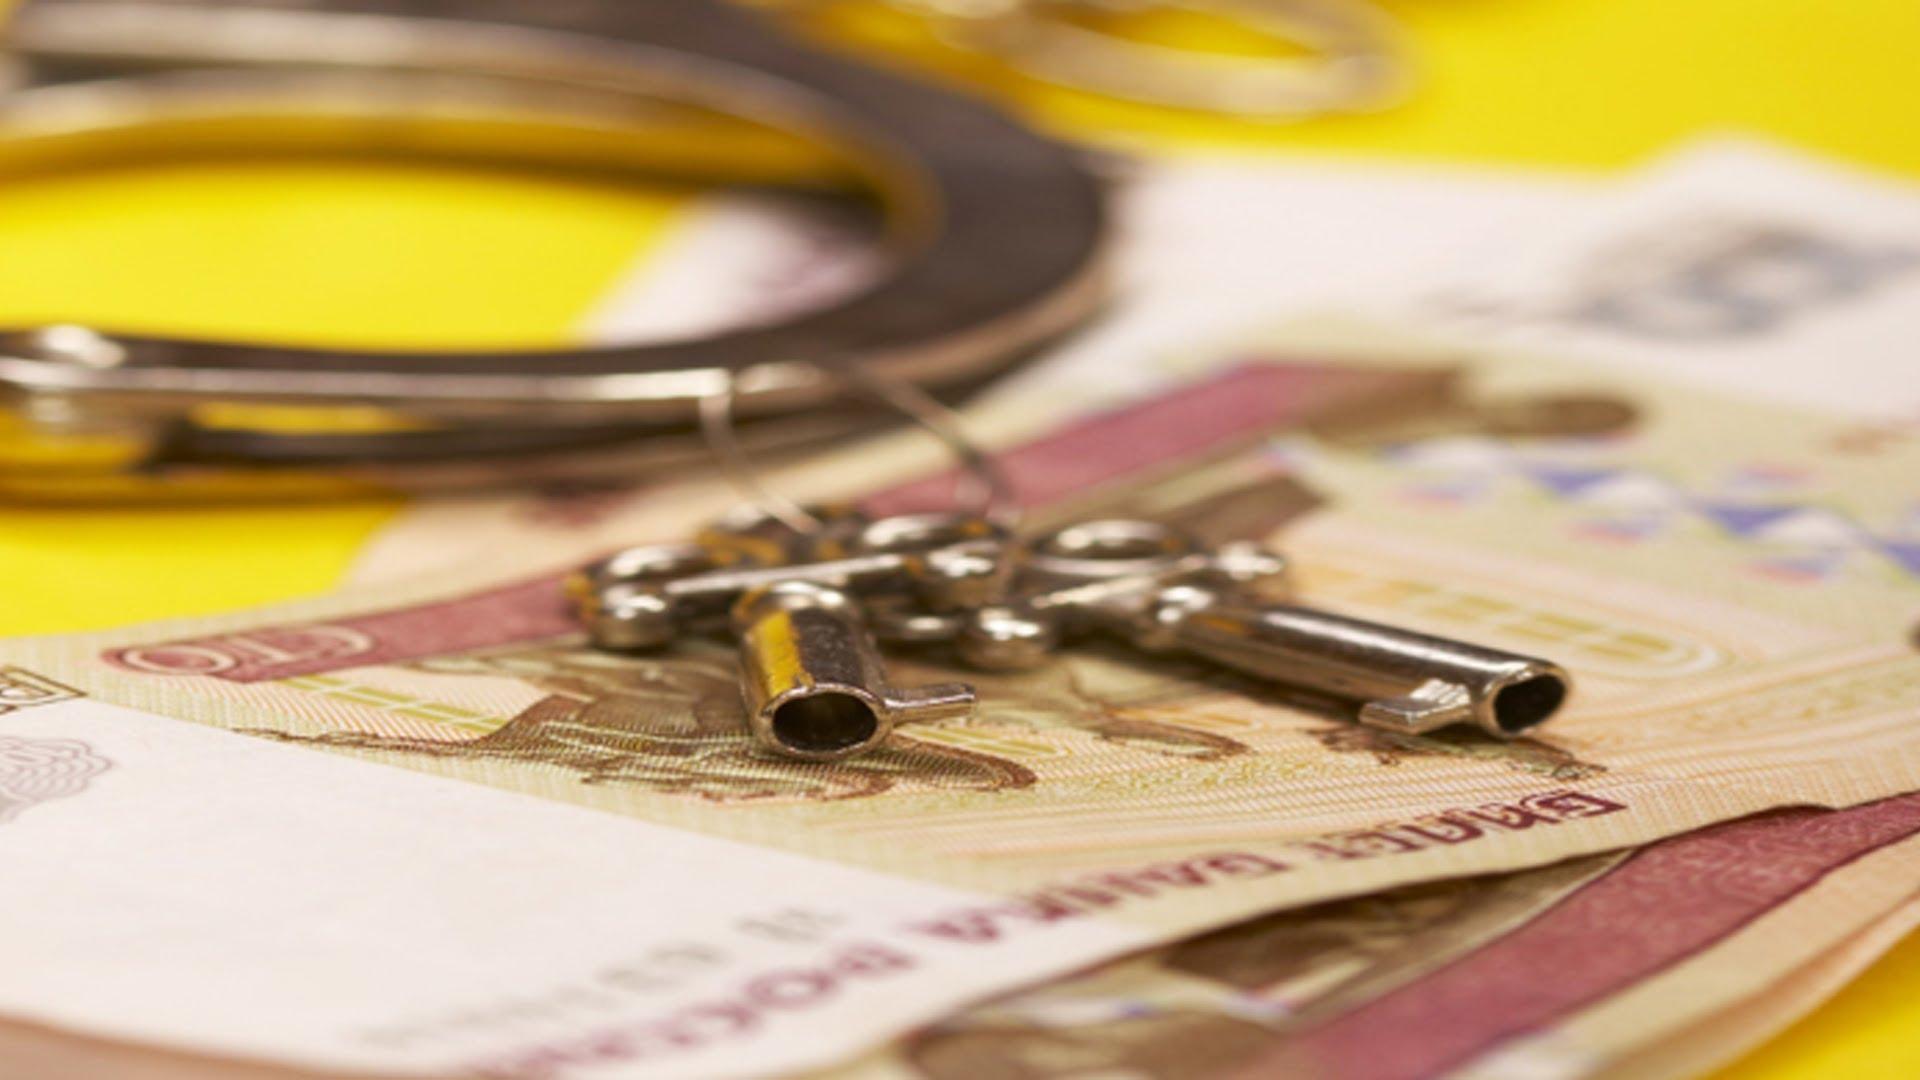 Имеют ли право описывать имущество по метсу проживания?